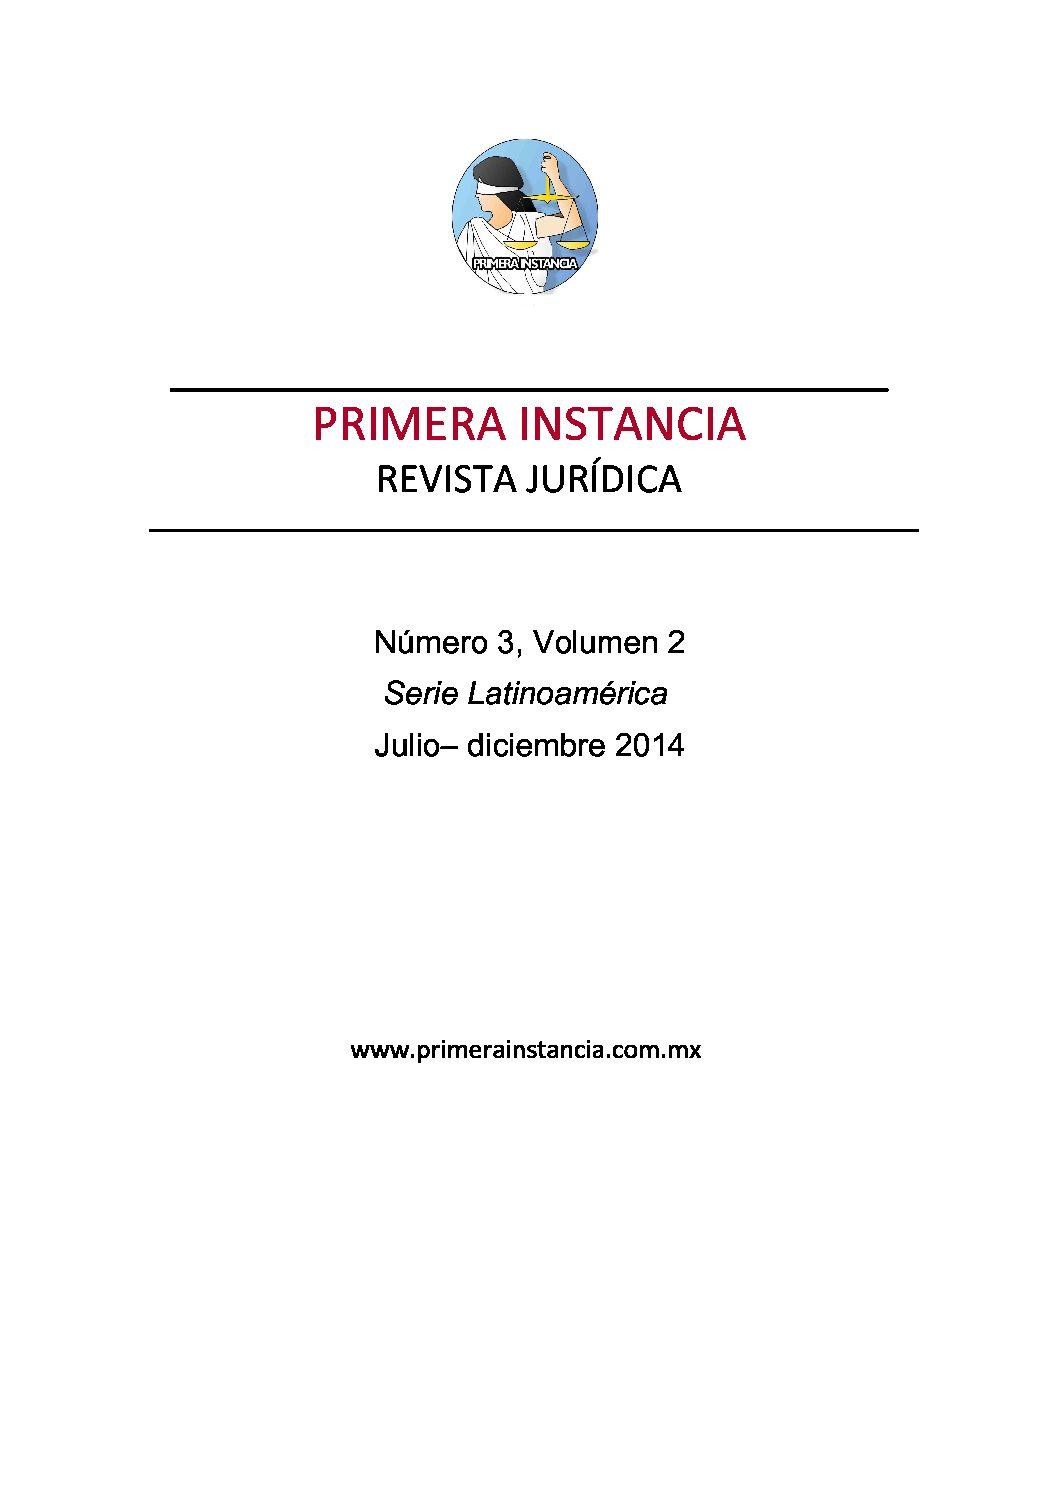 EDITORIAL 3 Jul-dic 2014